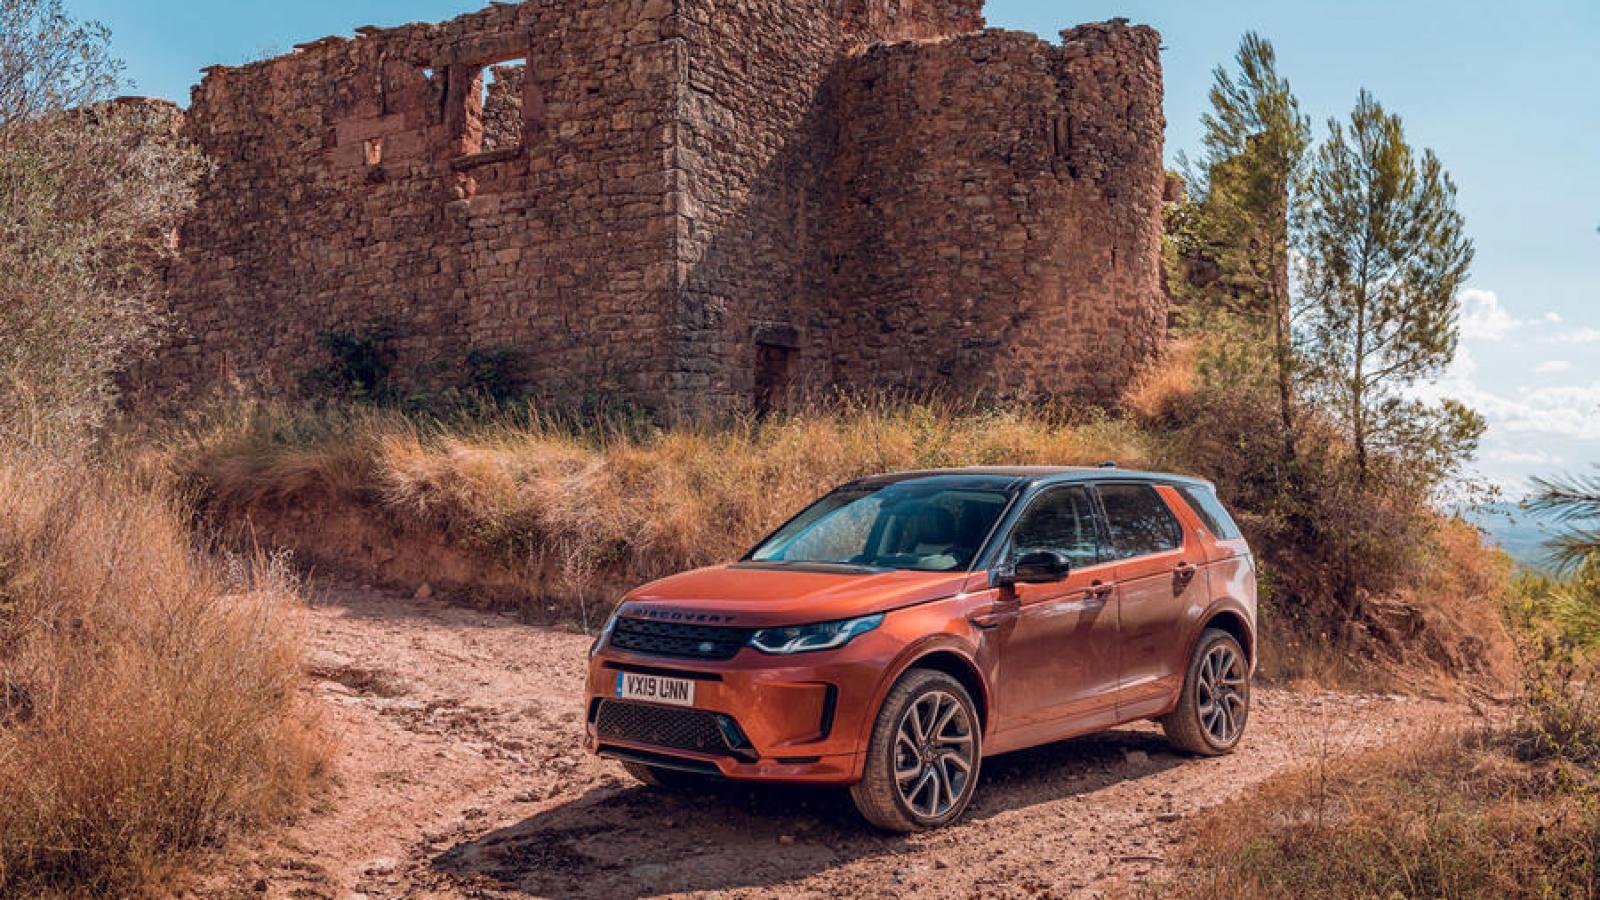 Top 10 mẫu SUV gia đình tốt nhất 2022